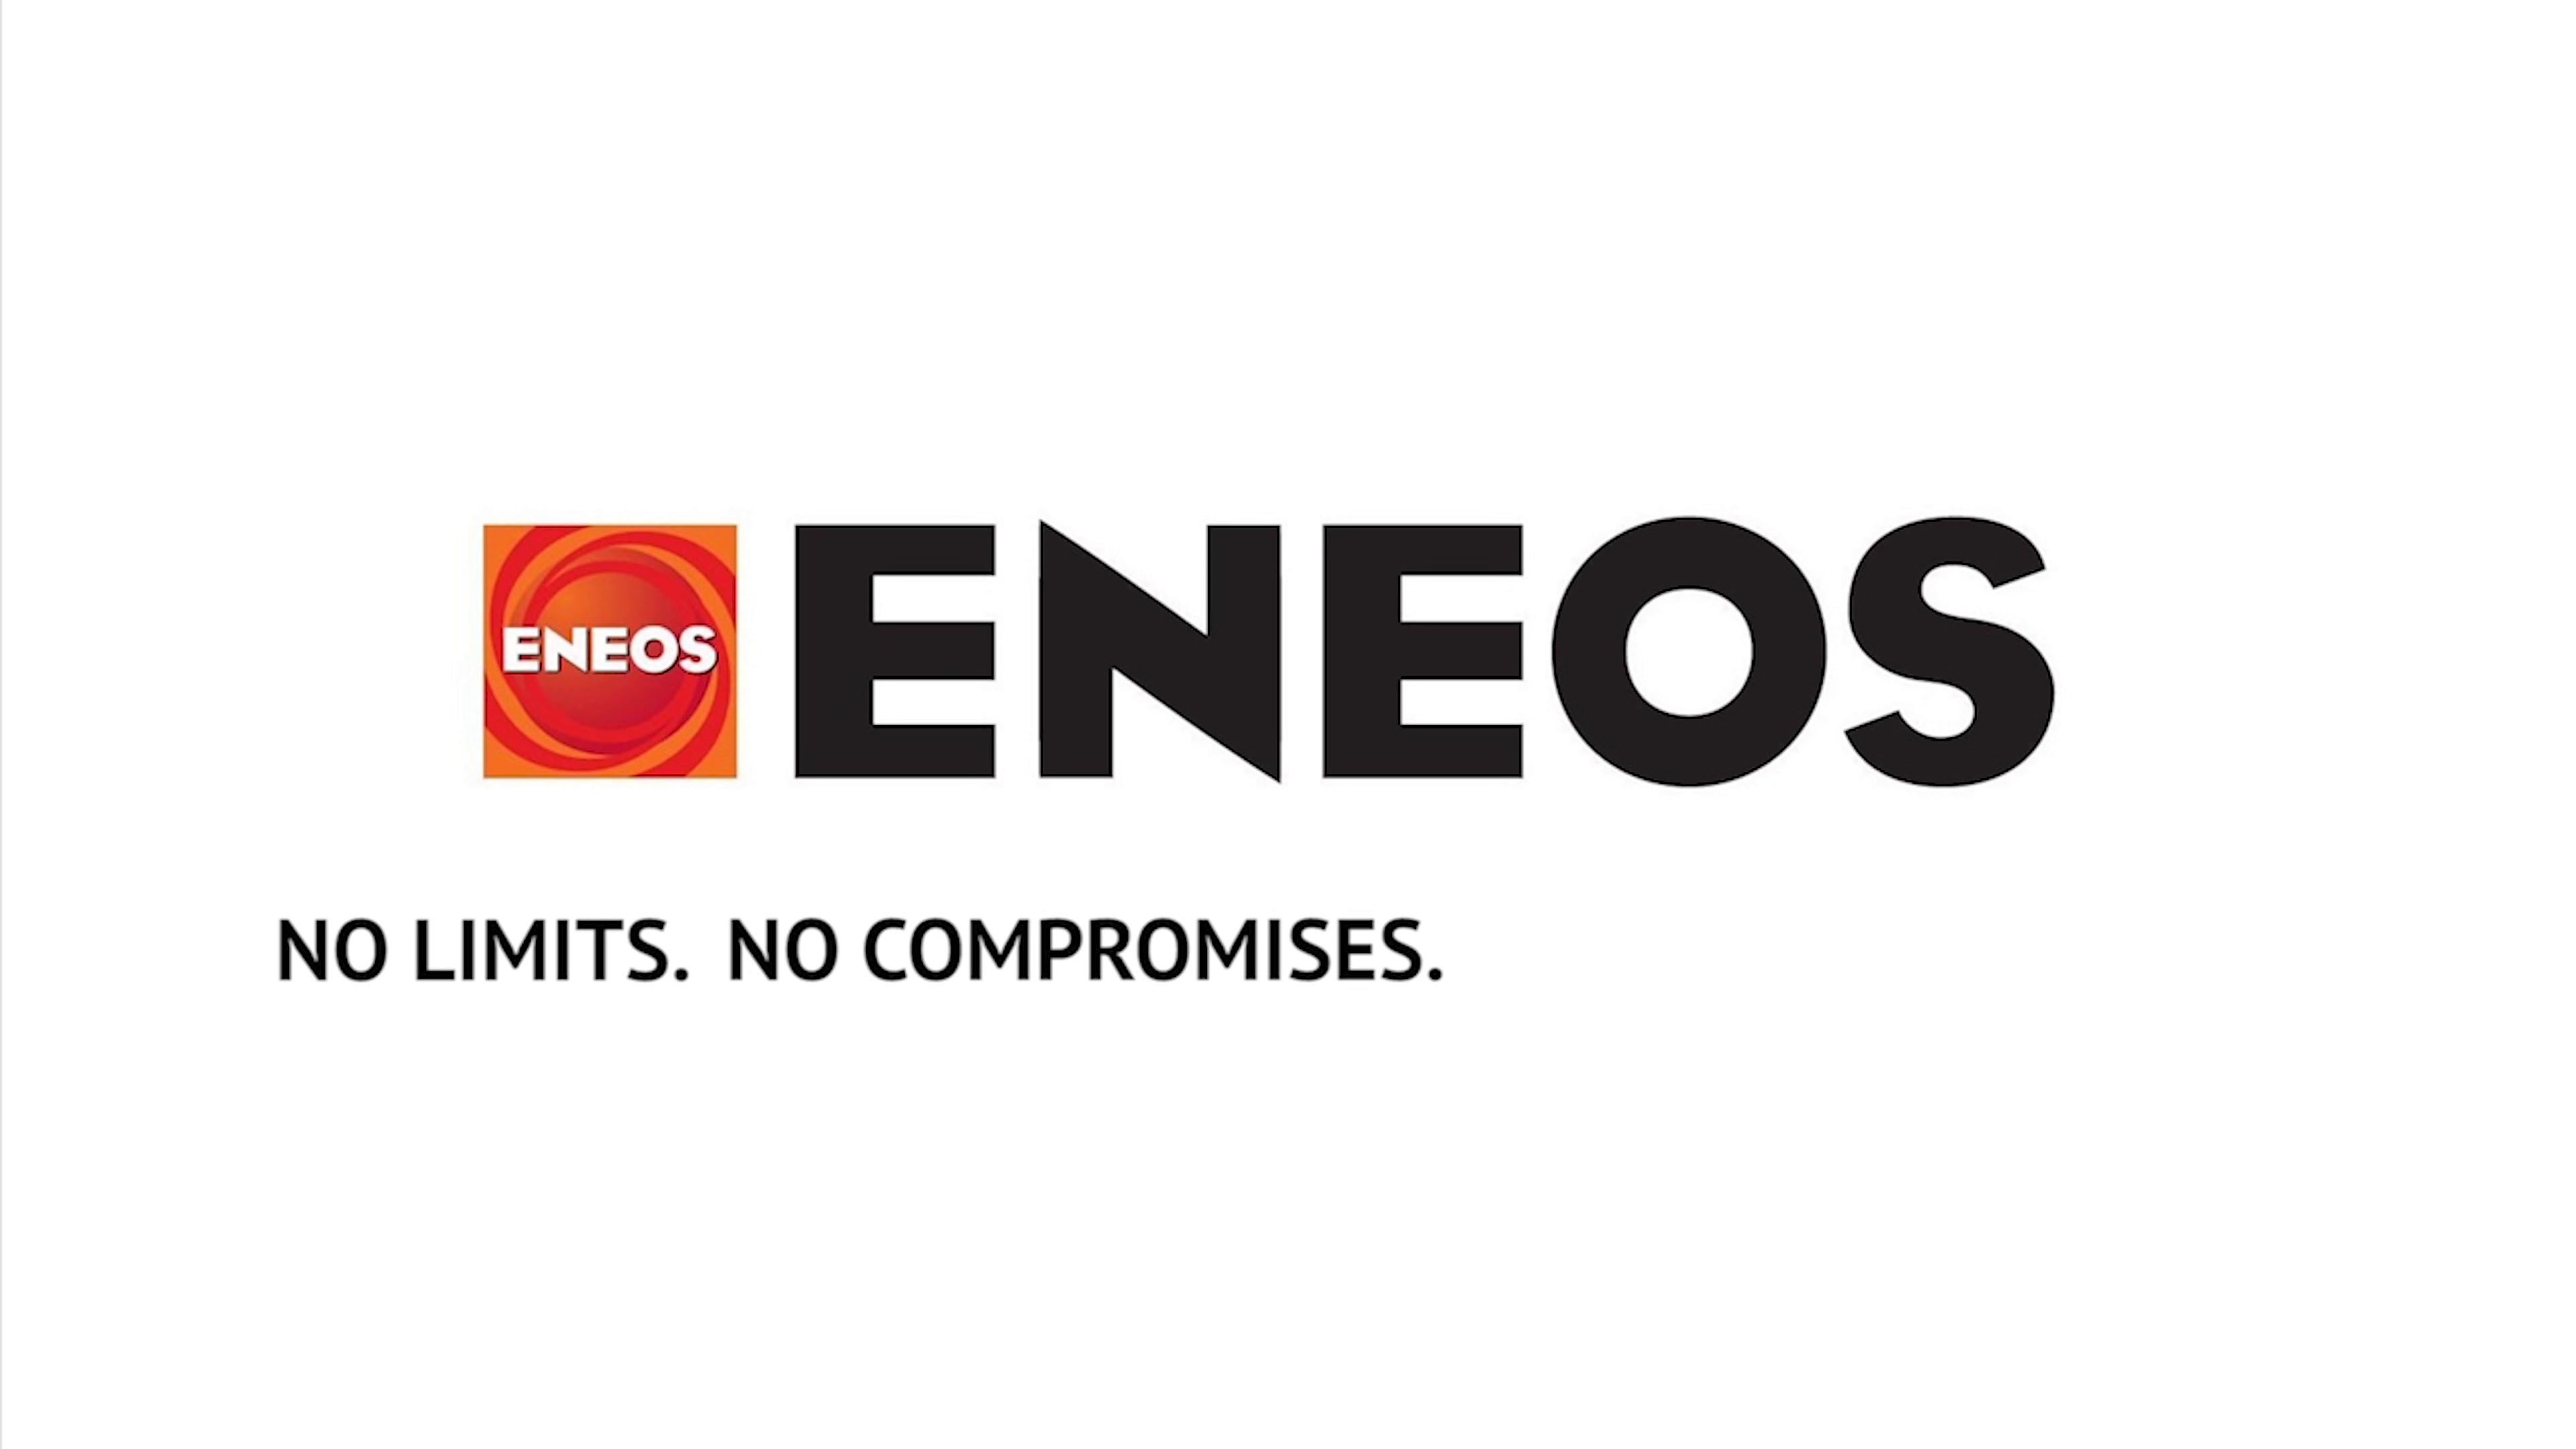 ENEOS at 03:33.